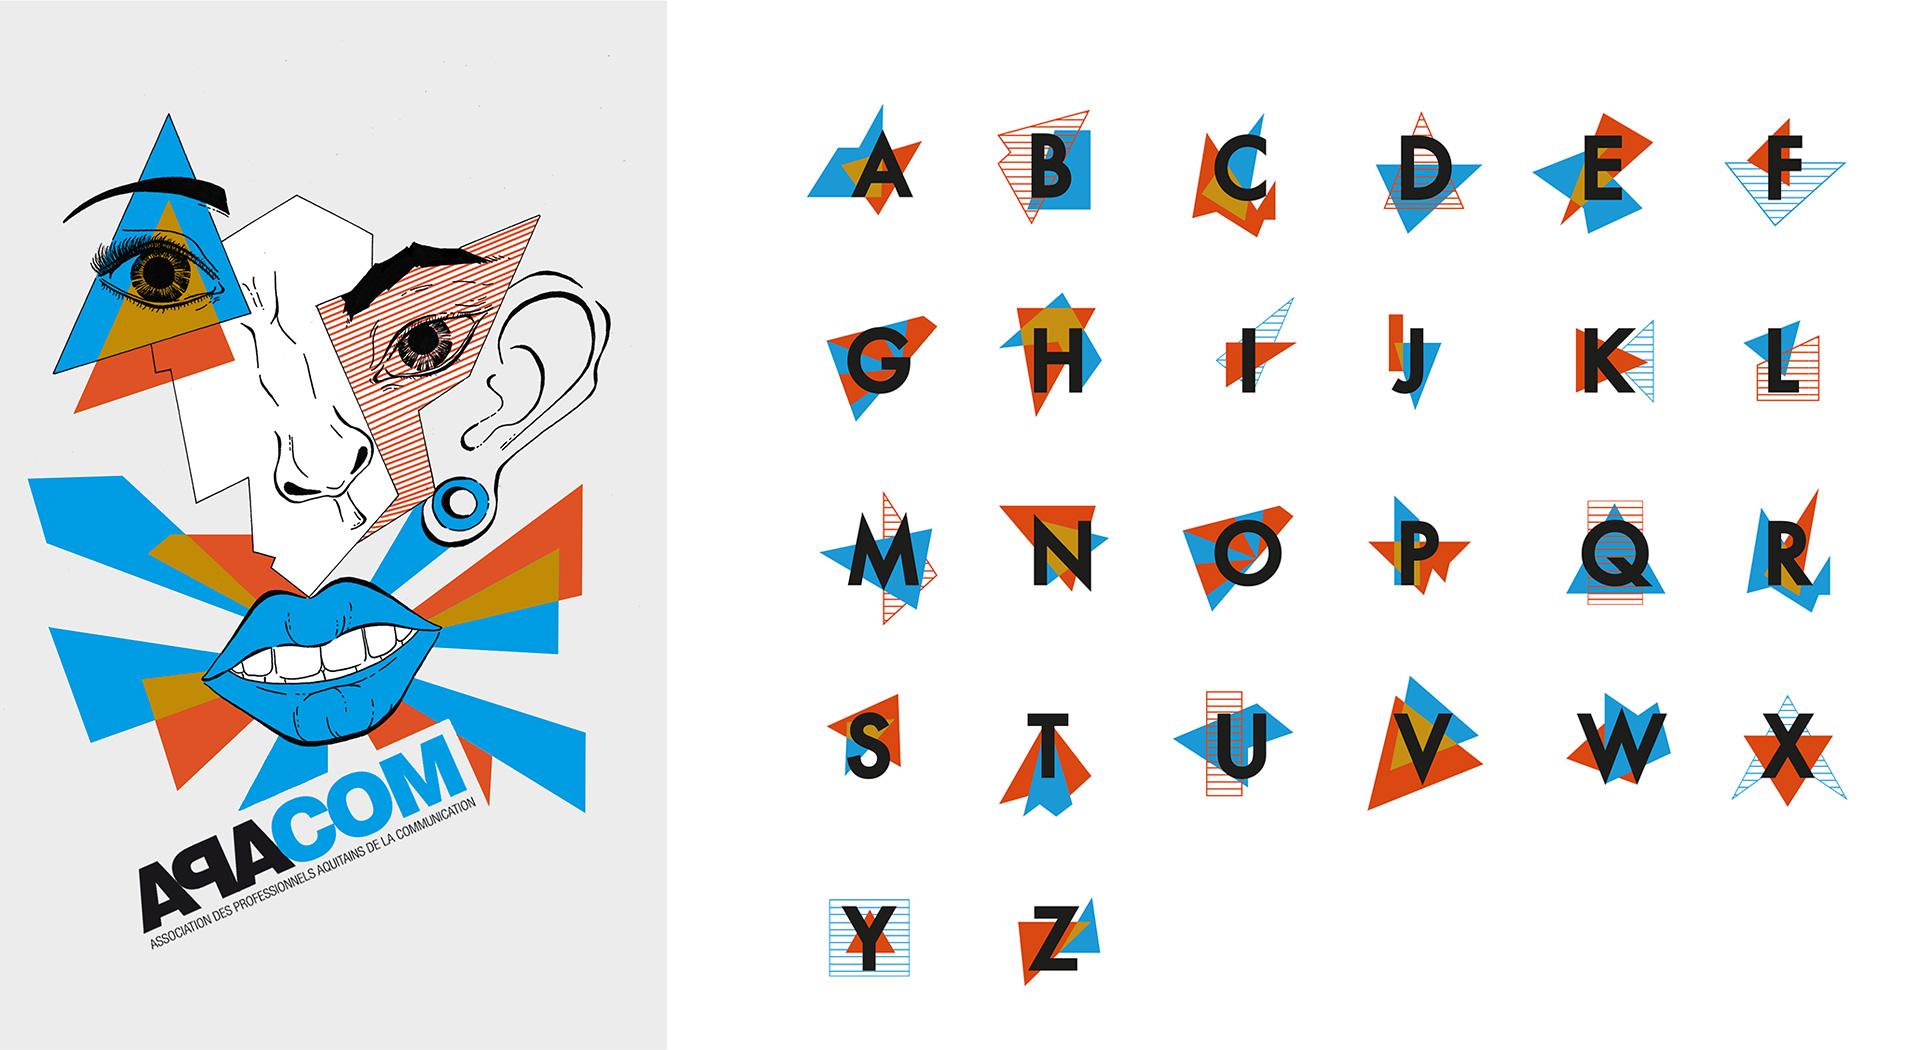 Couverture et alphabet APACOM 2016